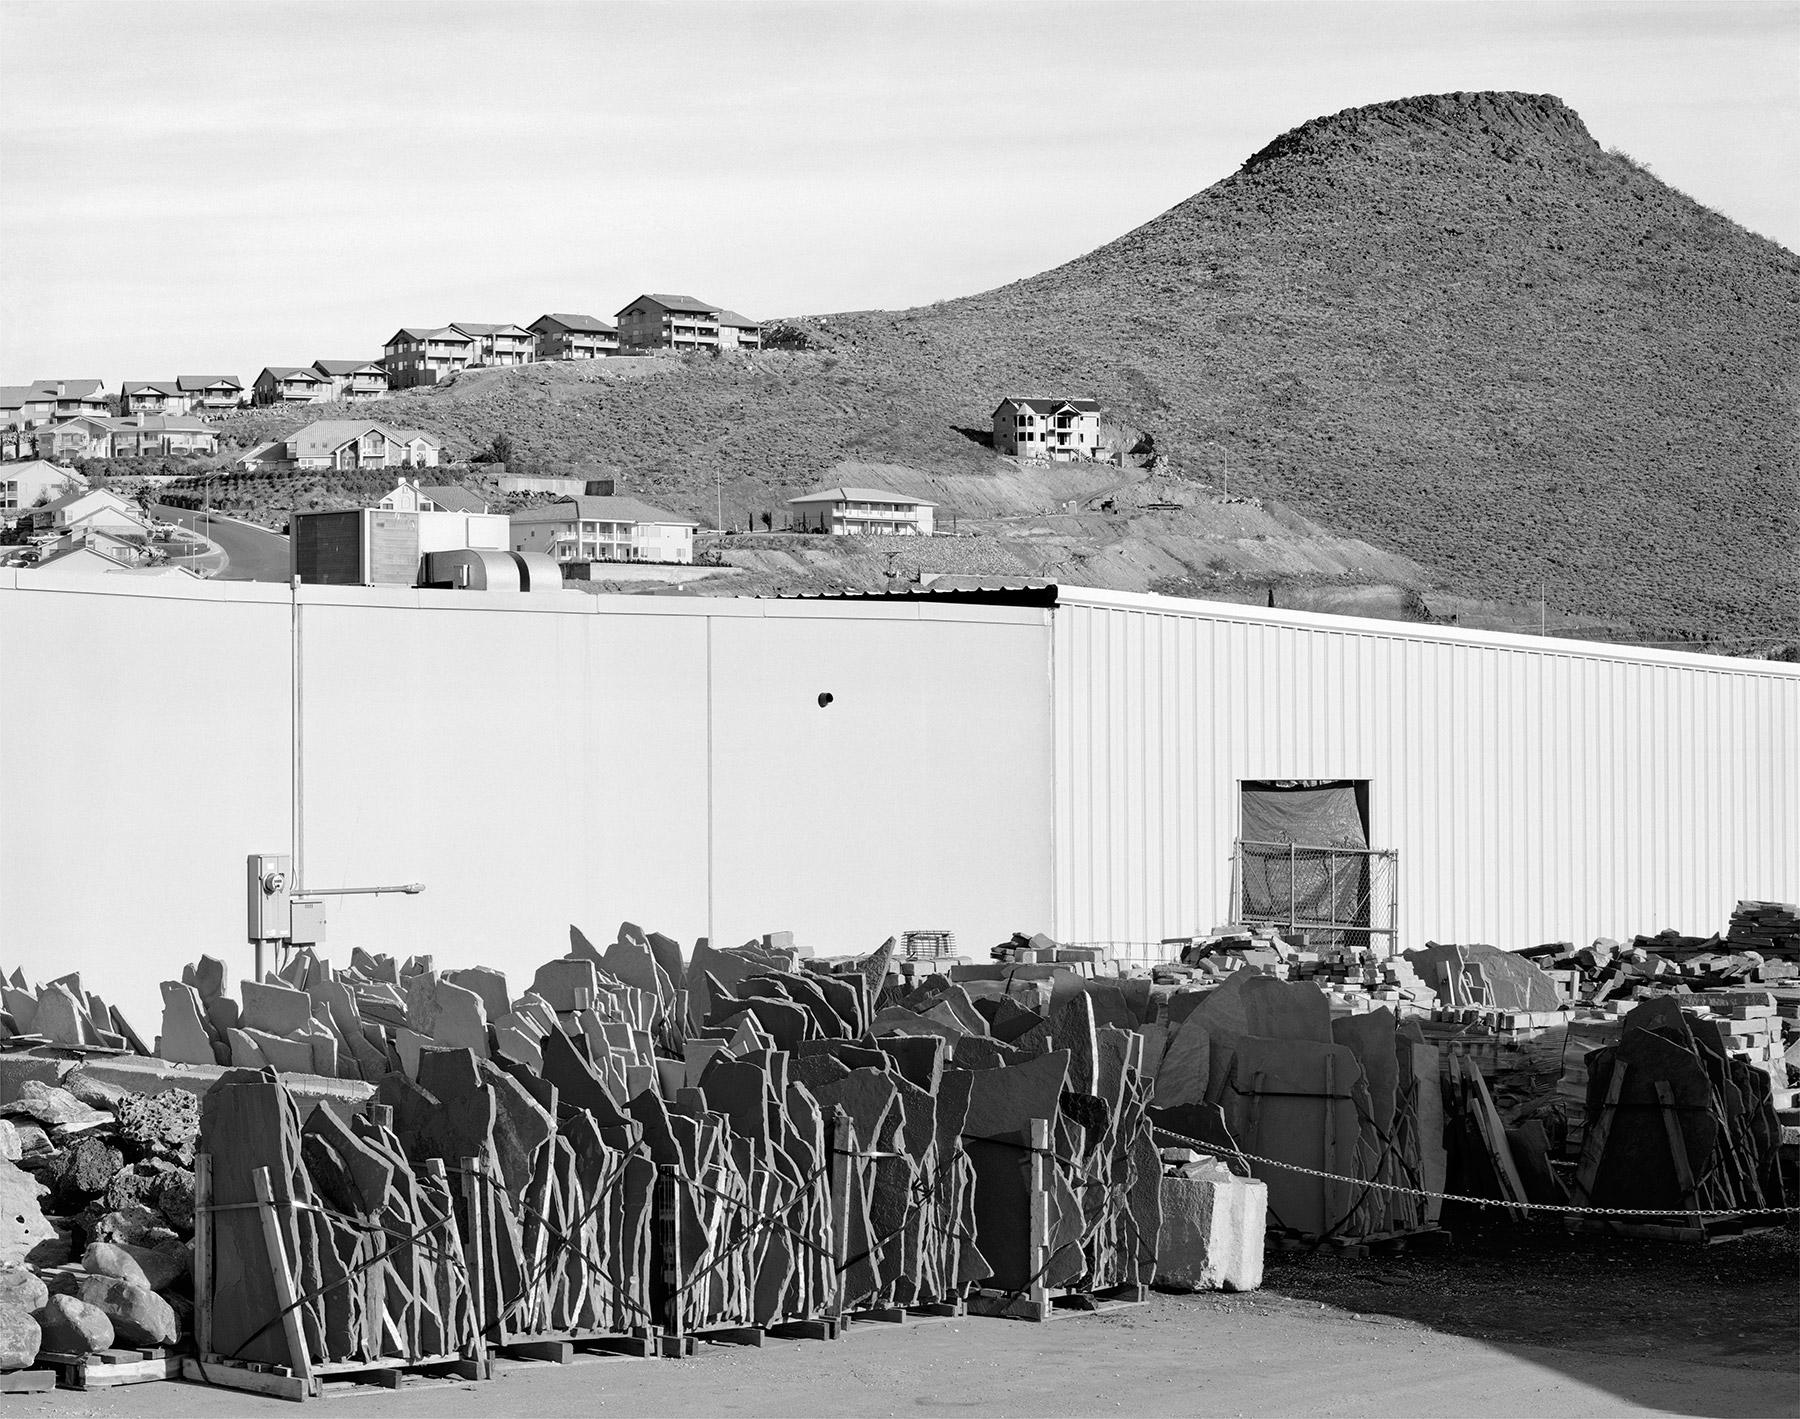 St. George, Utah, 1997.